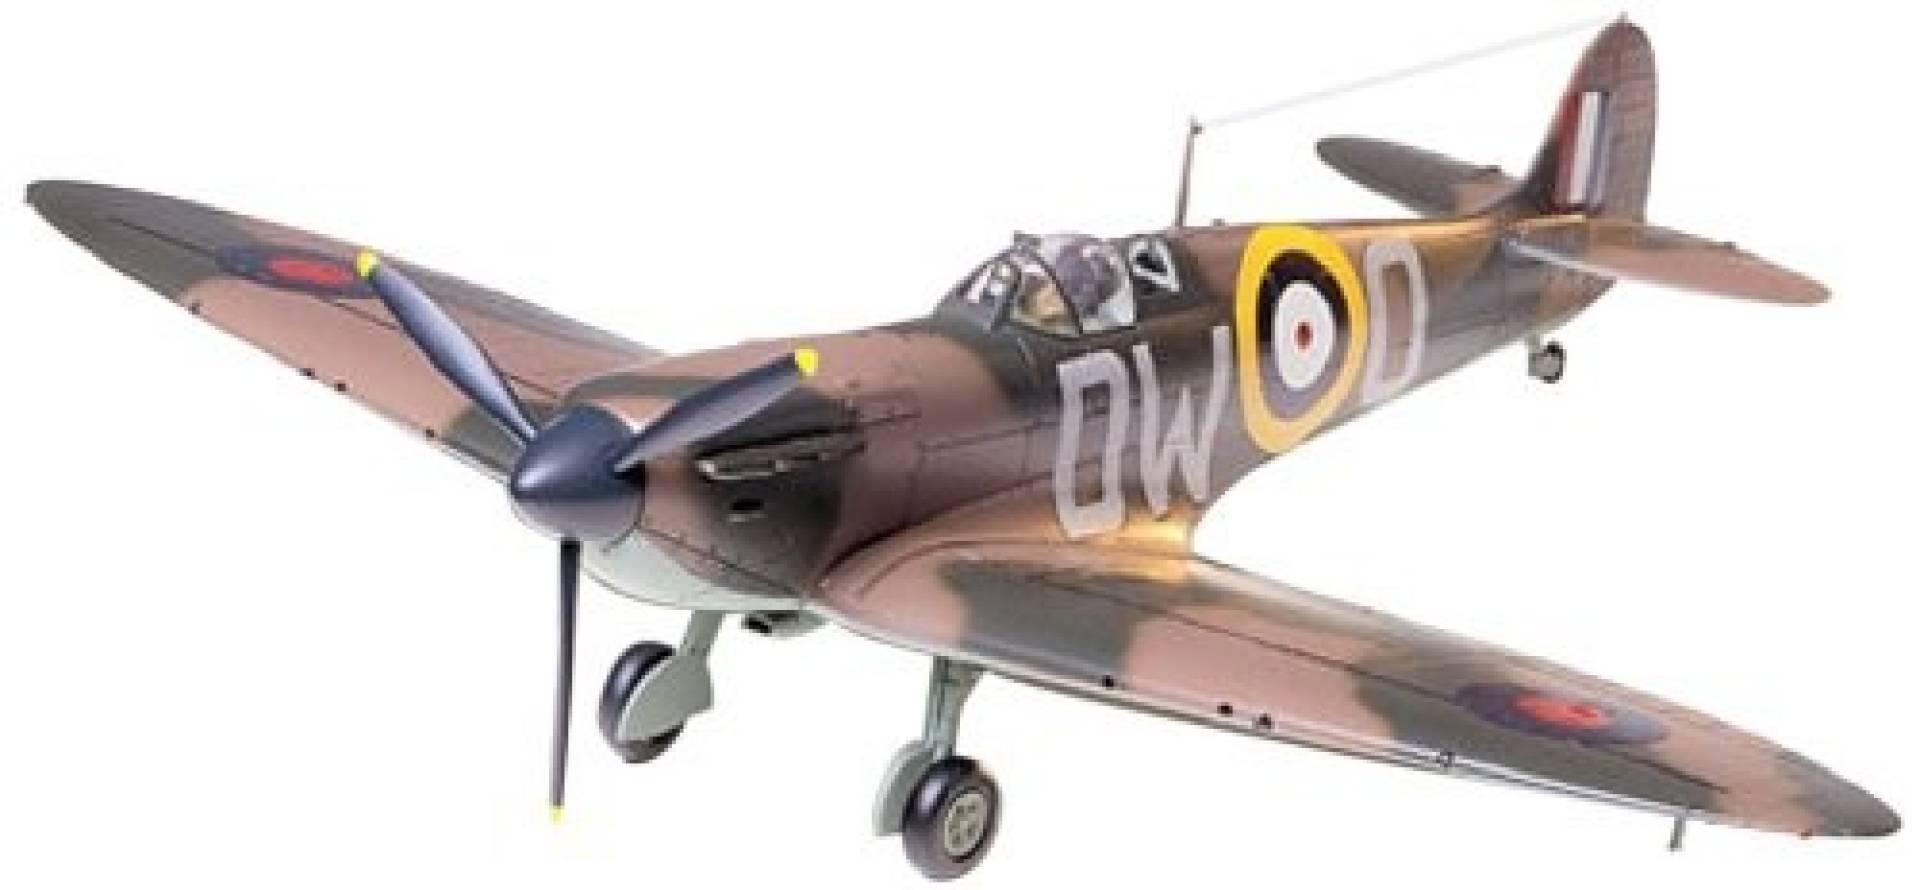 Model plastikowy Spitfire Mk.I